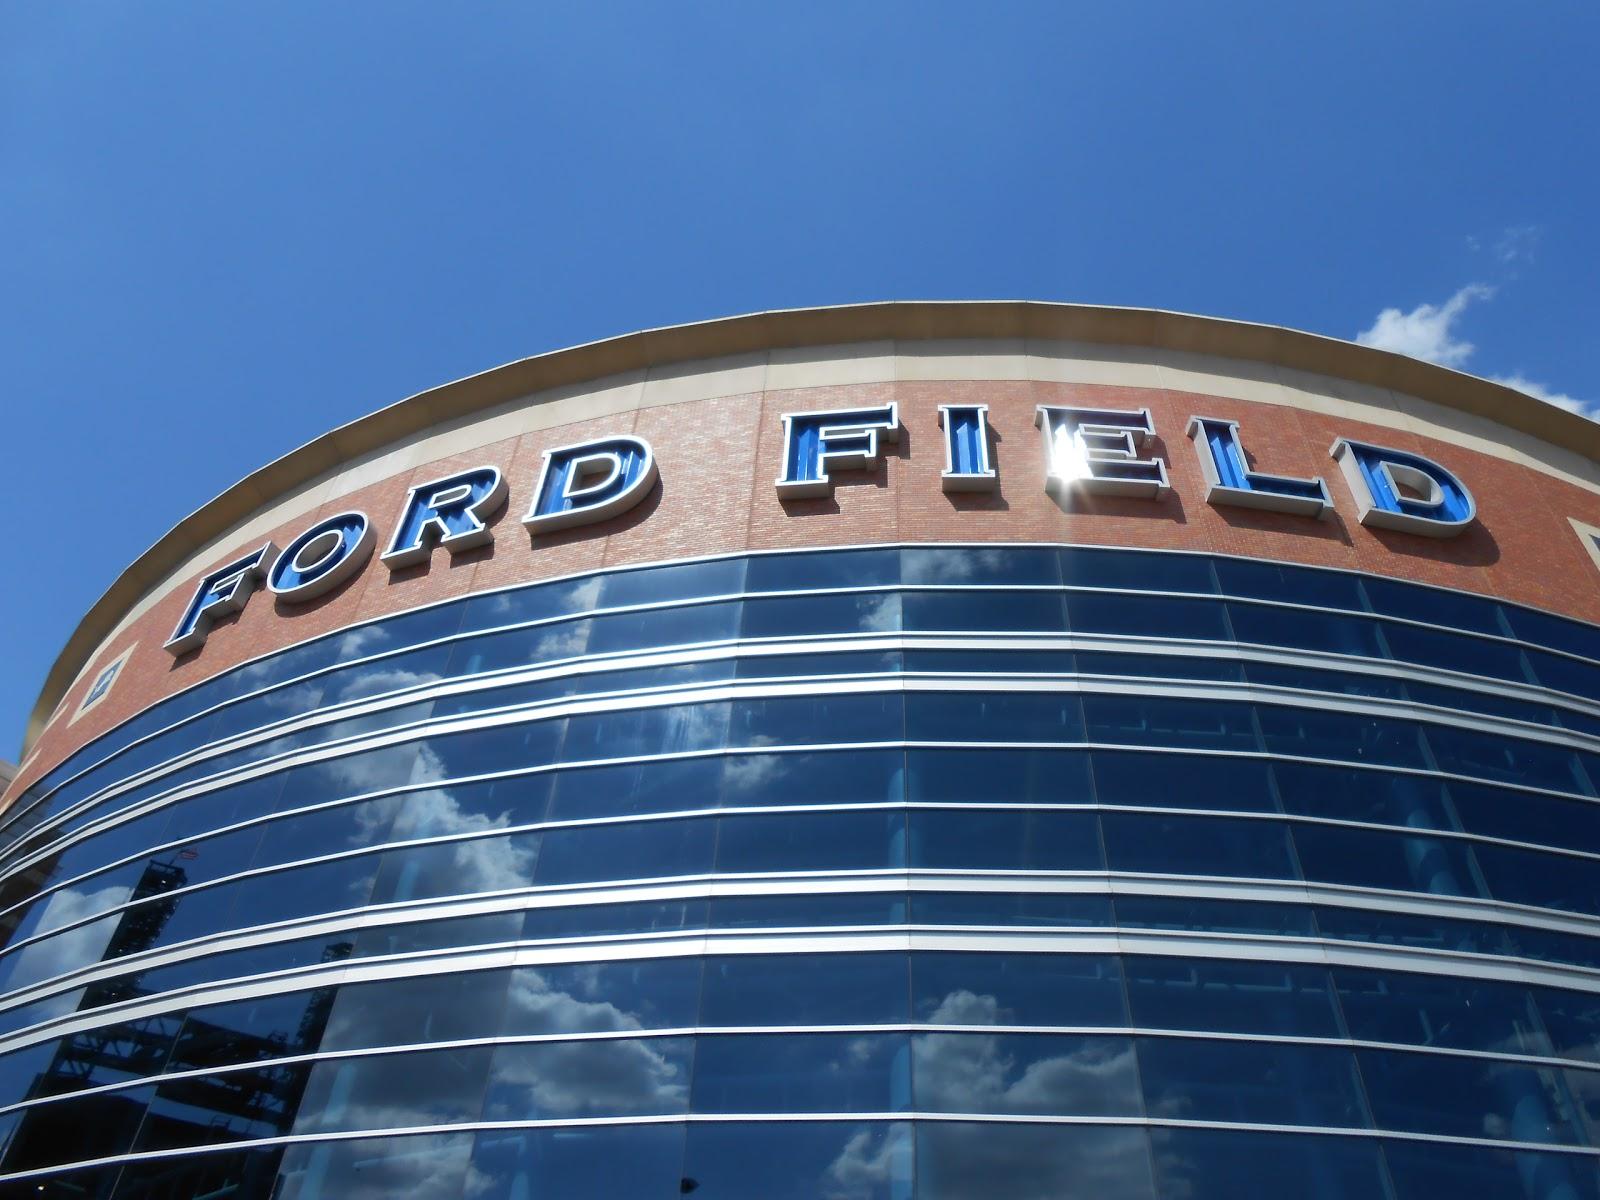 Jc Lewis Ford >> Detroit Lions 345 15: Detroit Lions autograph session at Ford Field